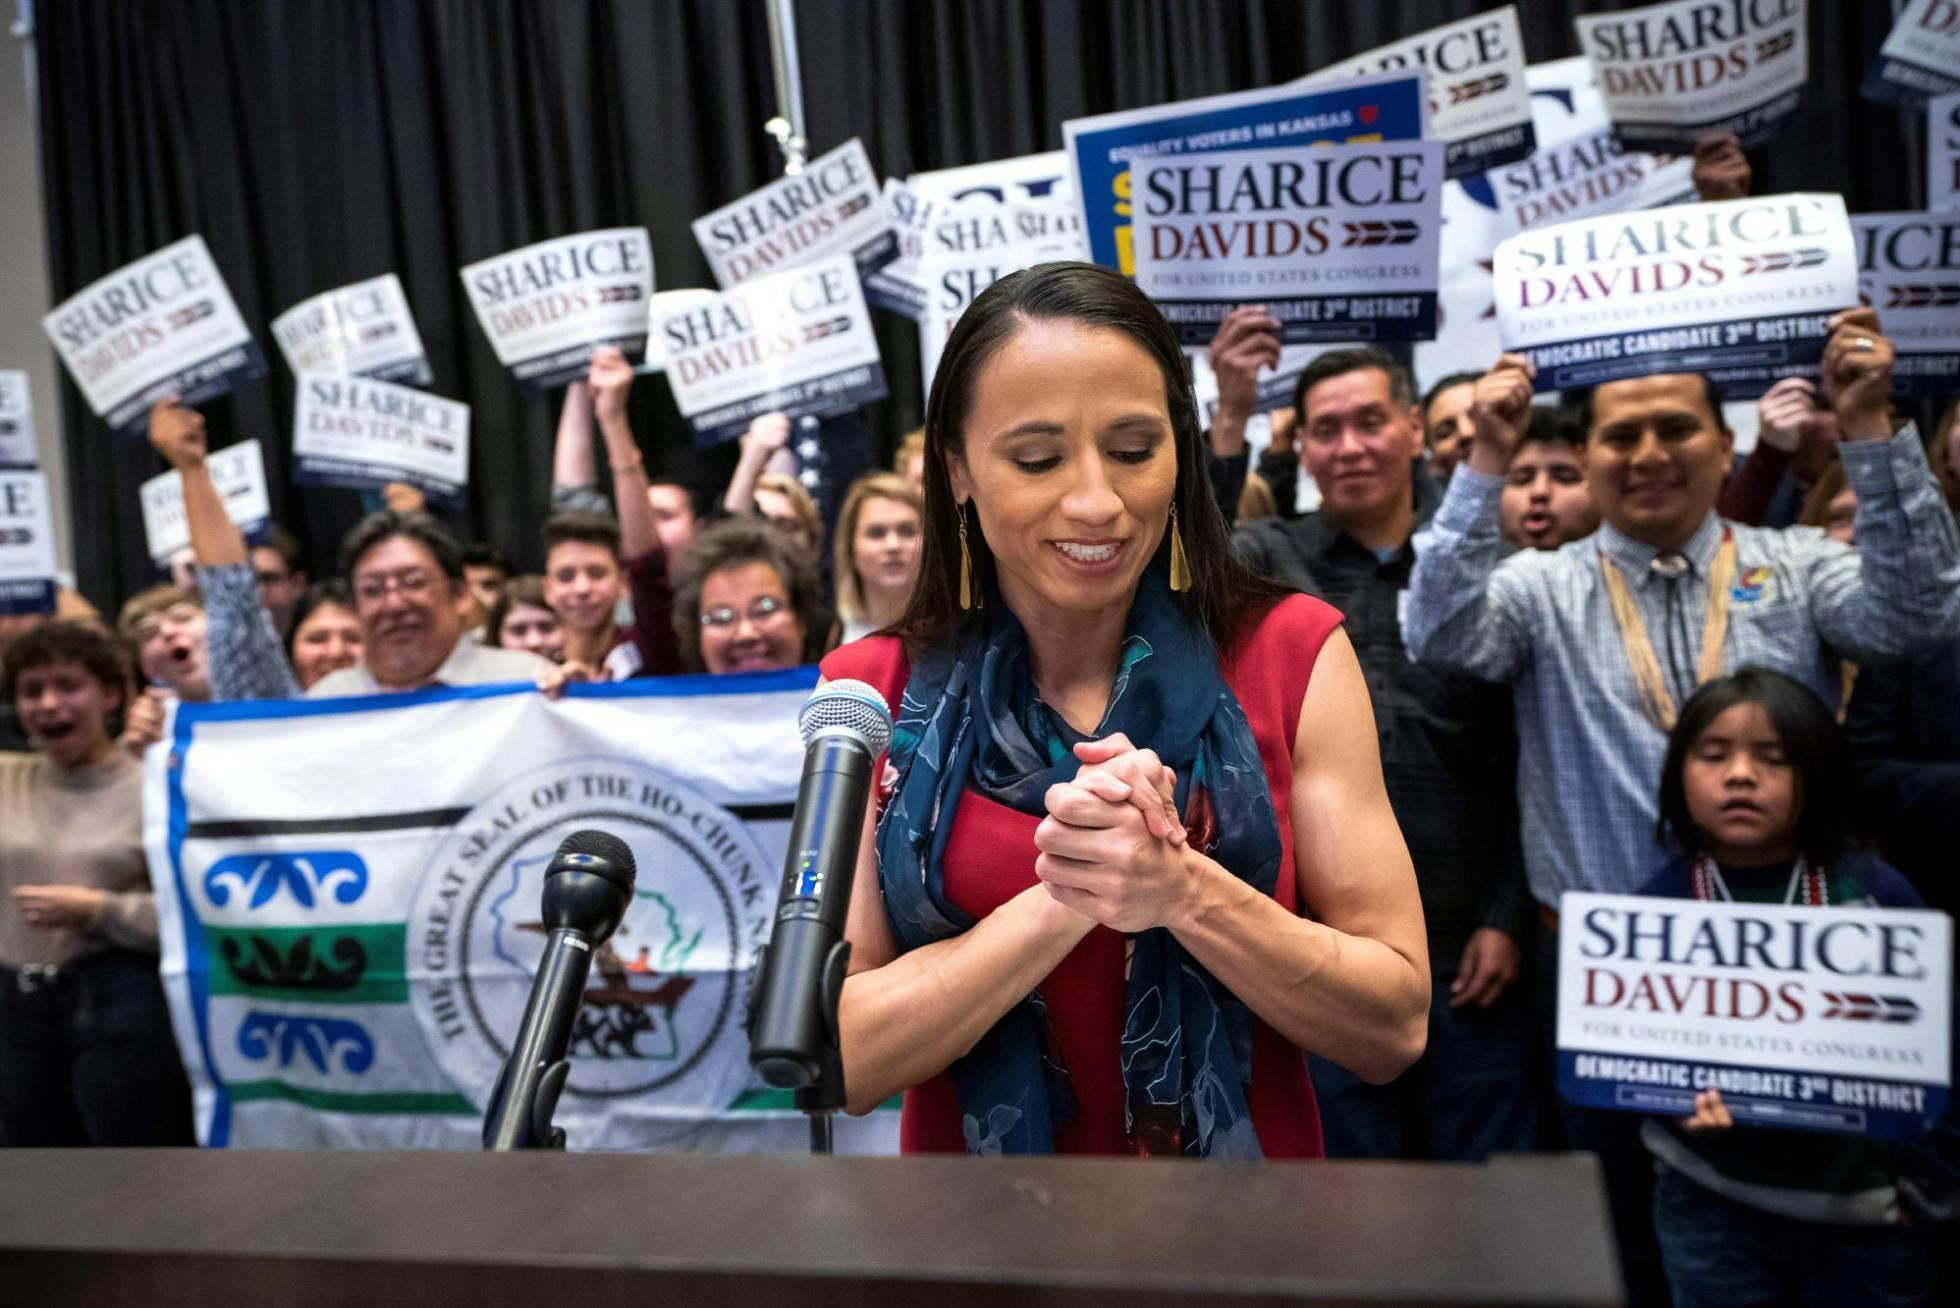 6 La candidata demócrata de Kansas, Sharice Davids, en la fiesta del partido en el hotel Embassy Suites en Olathe, Kansas, el 6 de noviembre de 2018.